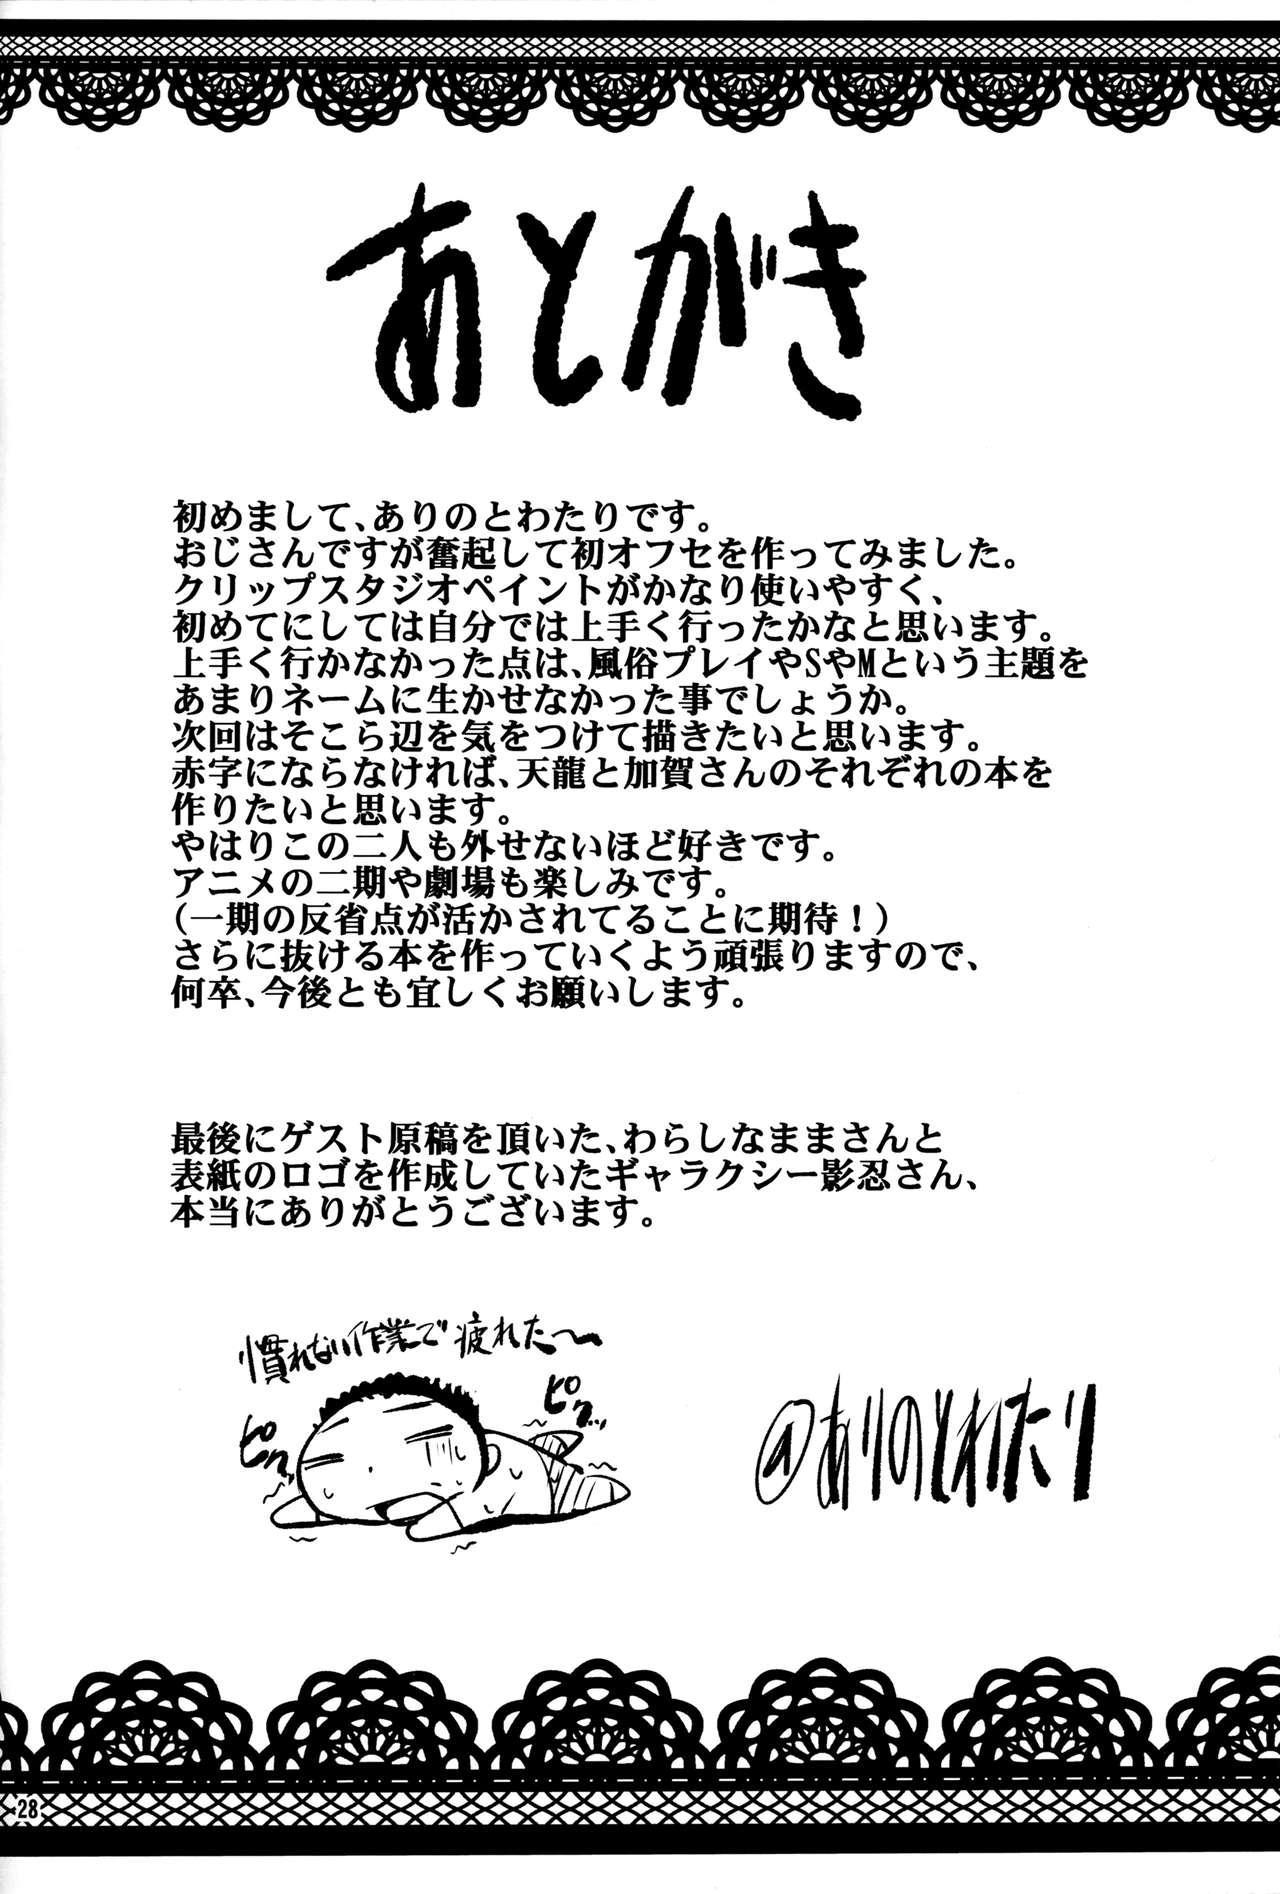 (C89) [Arinotowatari (Arinotowatari)] Hogaraka S no Atago-san to Cool M no Takao-san ga Iru Fuuzokuten (Kantai Collection -KanColle-) [Chinese] [风油精汉化组] 27